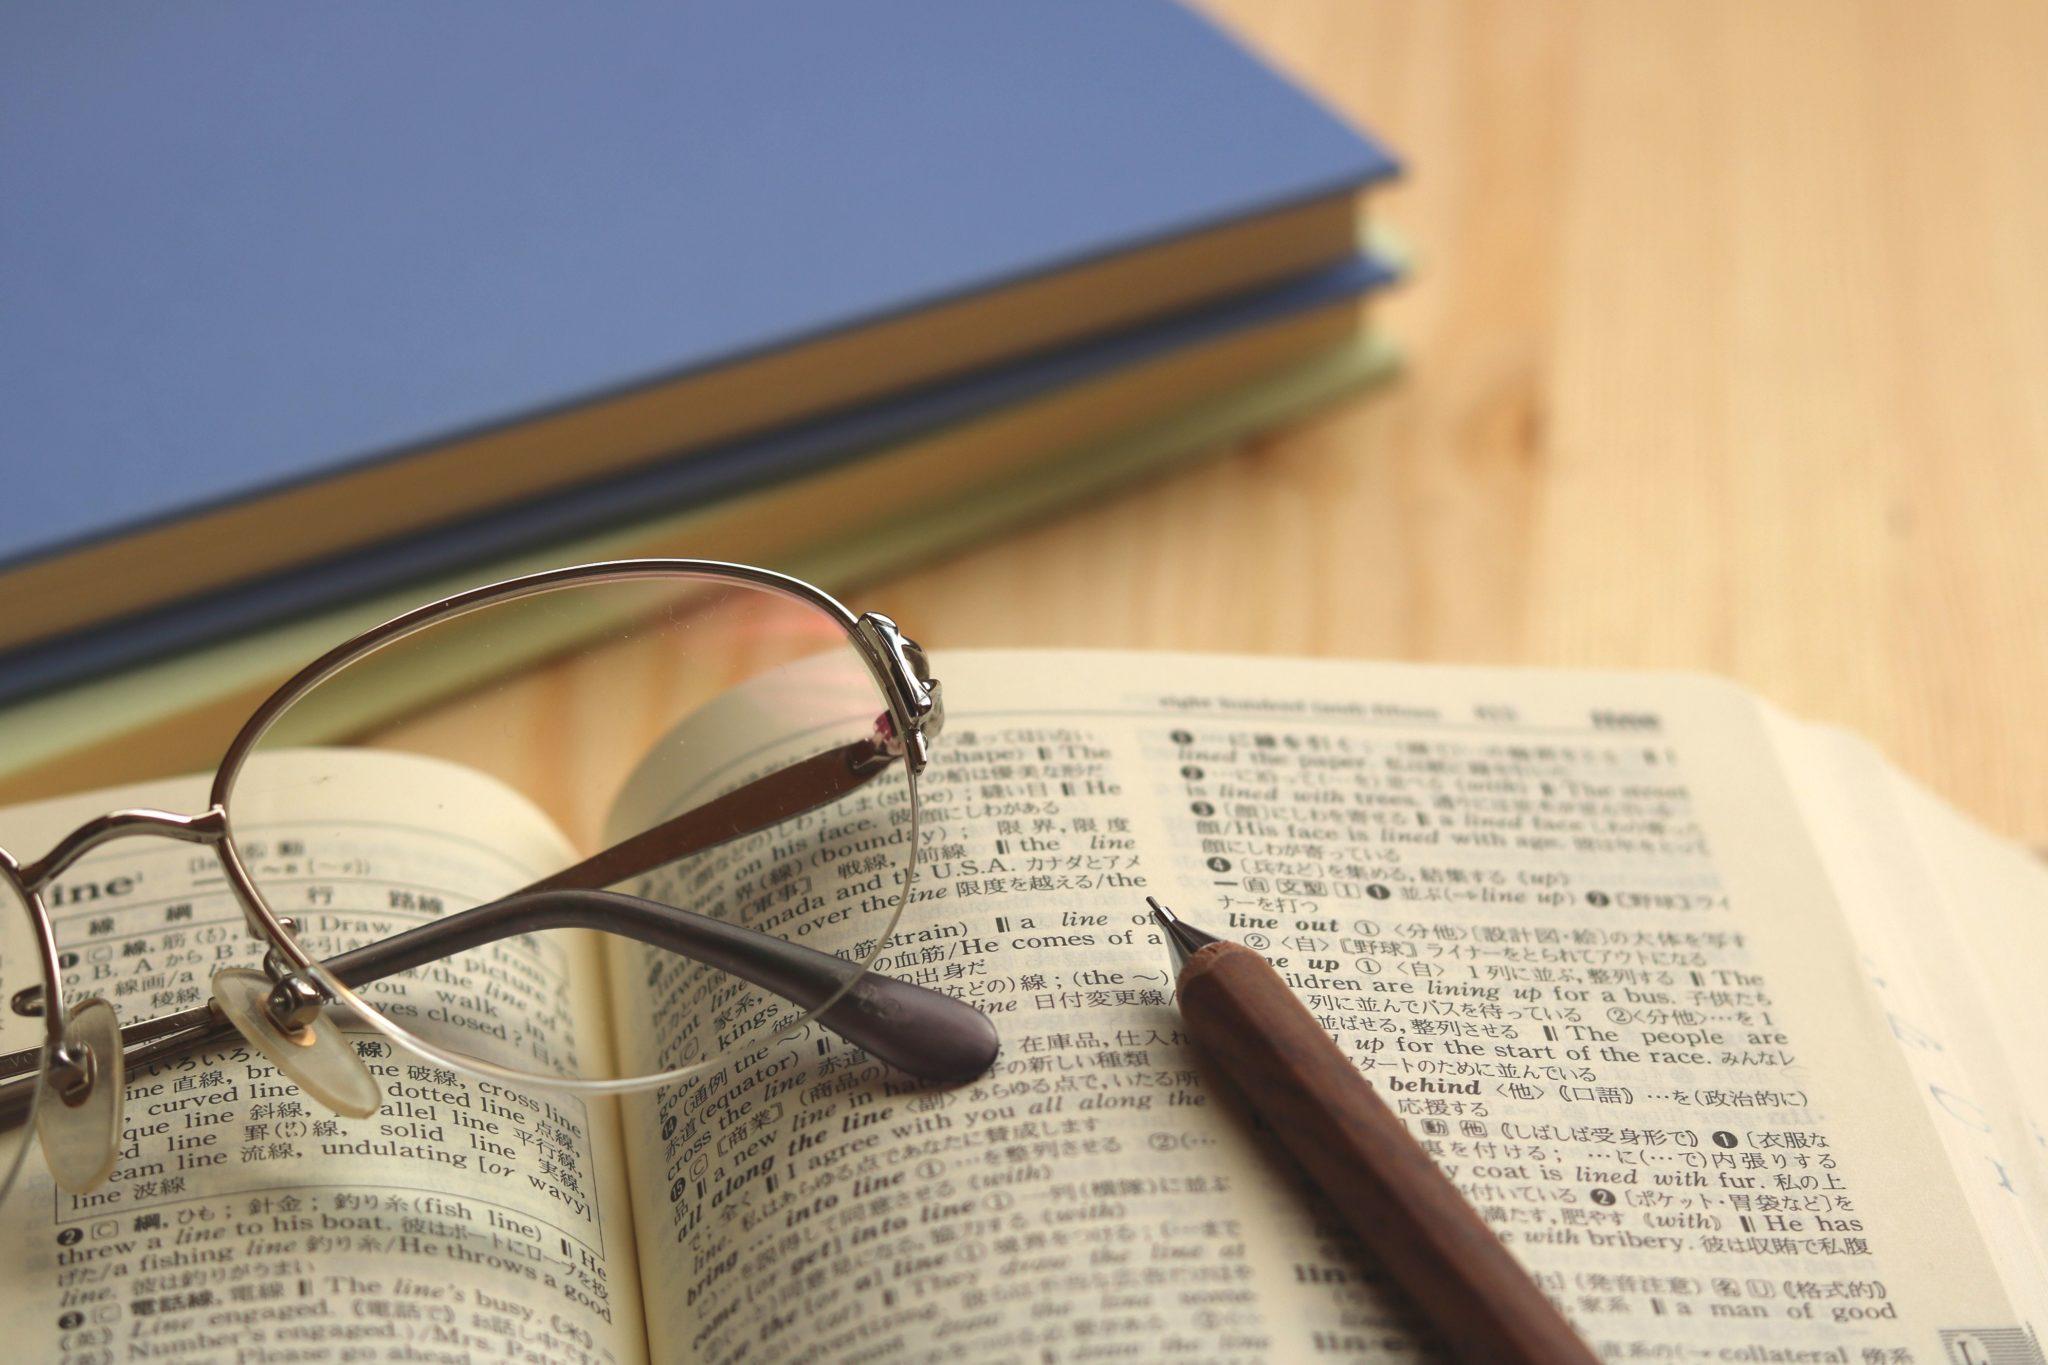 初心者のためのTOEIC勉強法②:英語の勉強を習慣化する